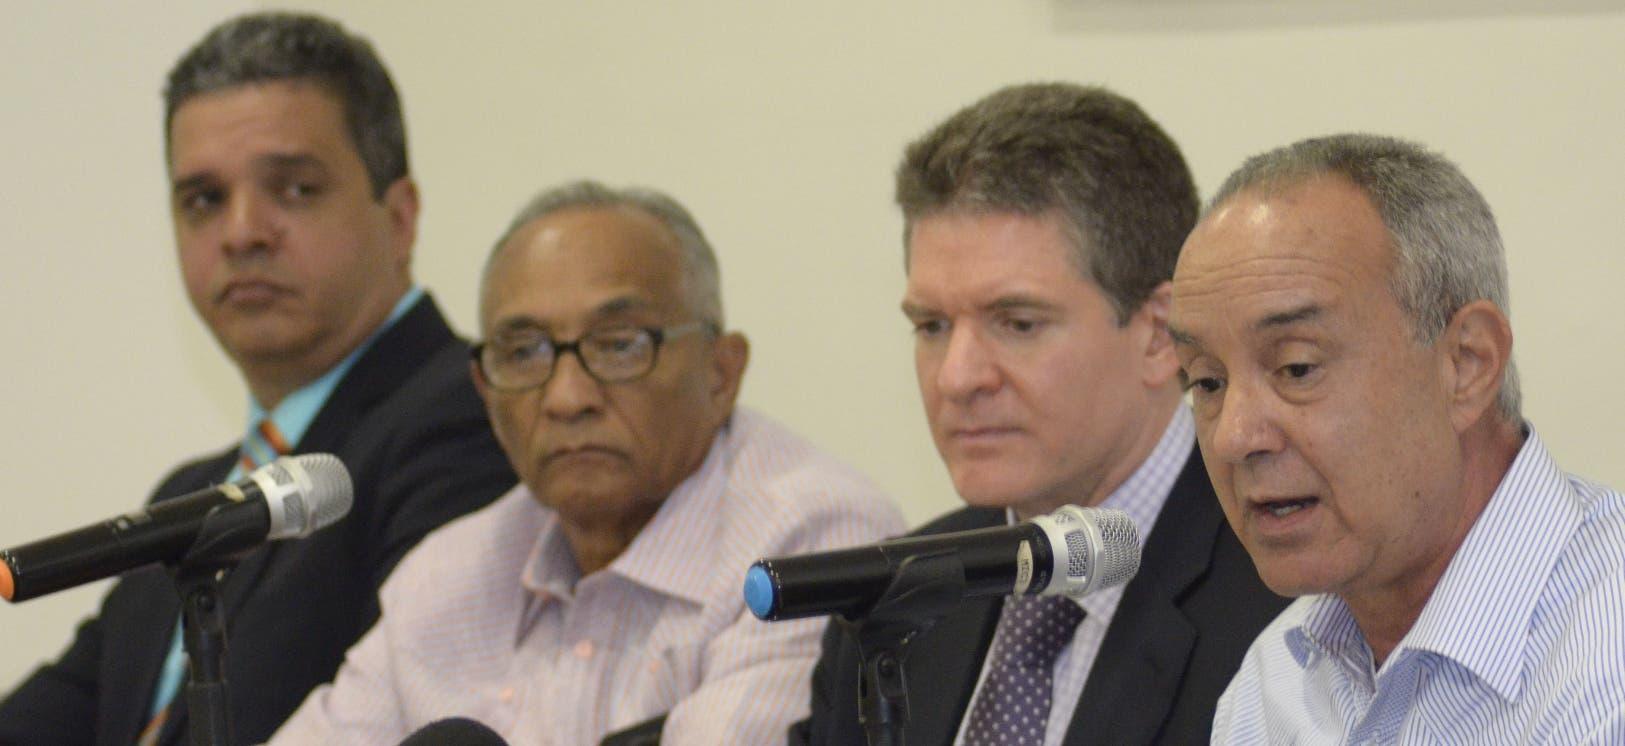 Pavel Concepción, José López, José Alfredo Corripio e Israel Brito durante el Almuerzo del Grupo de Comunicaciones Corripio.